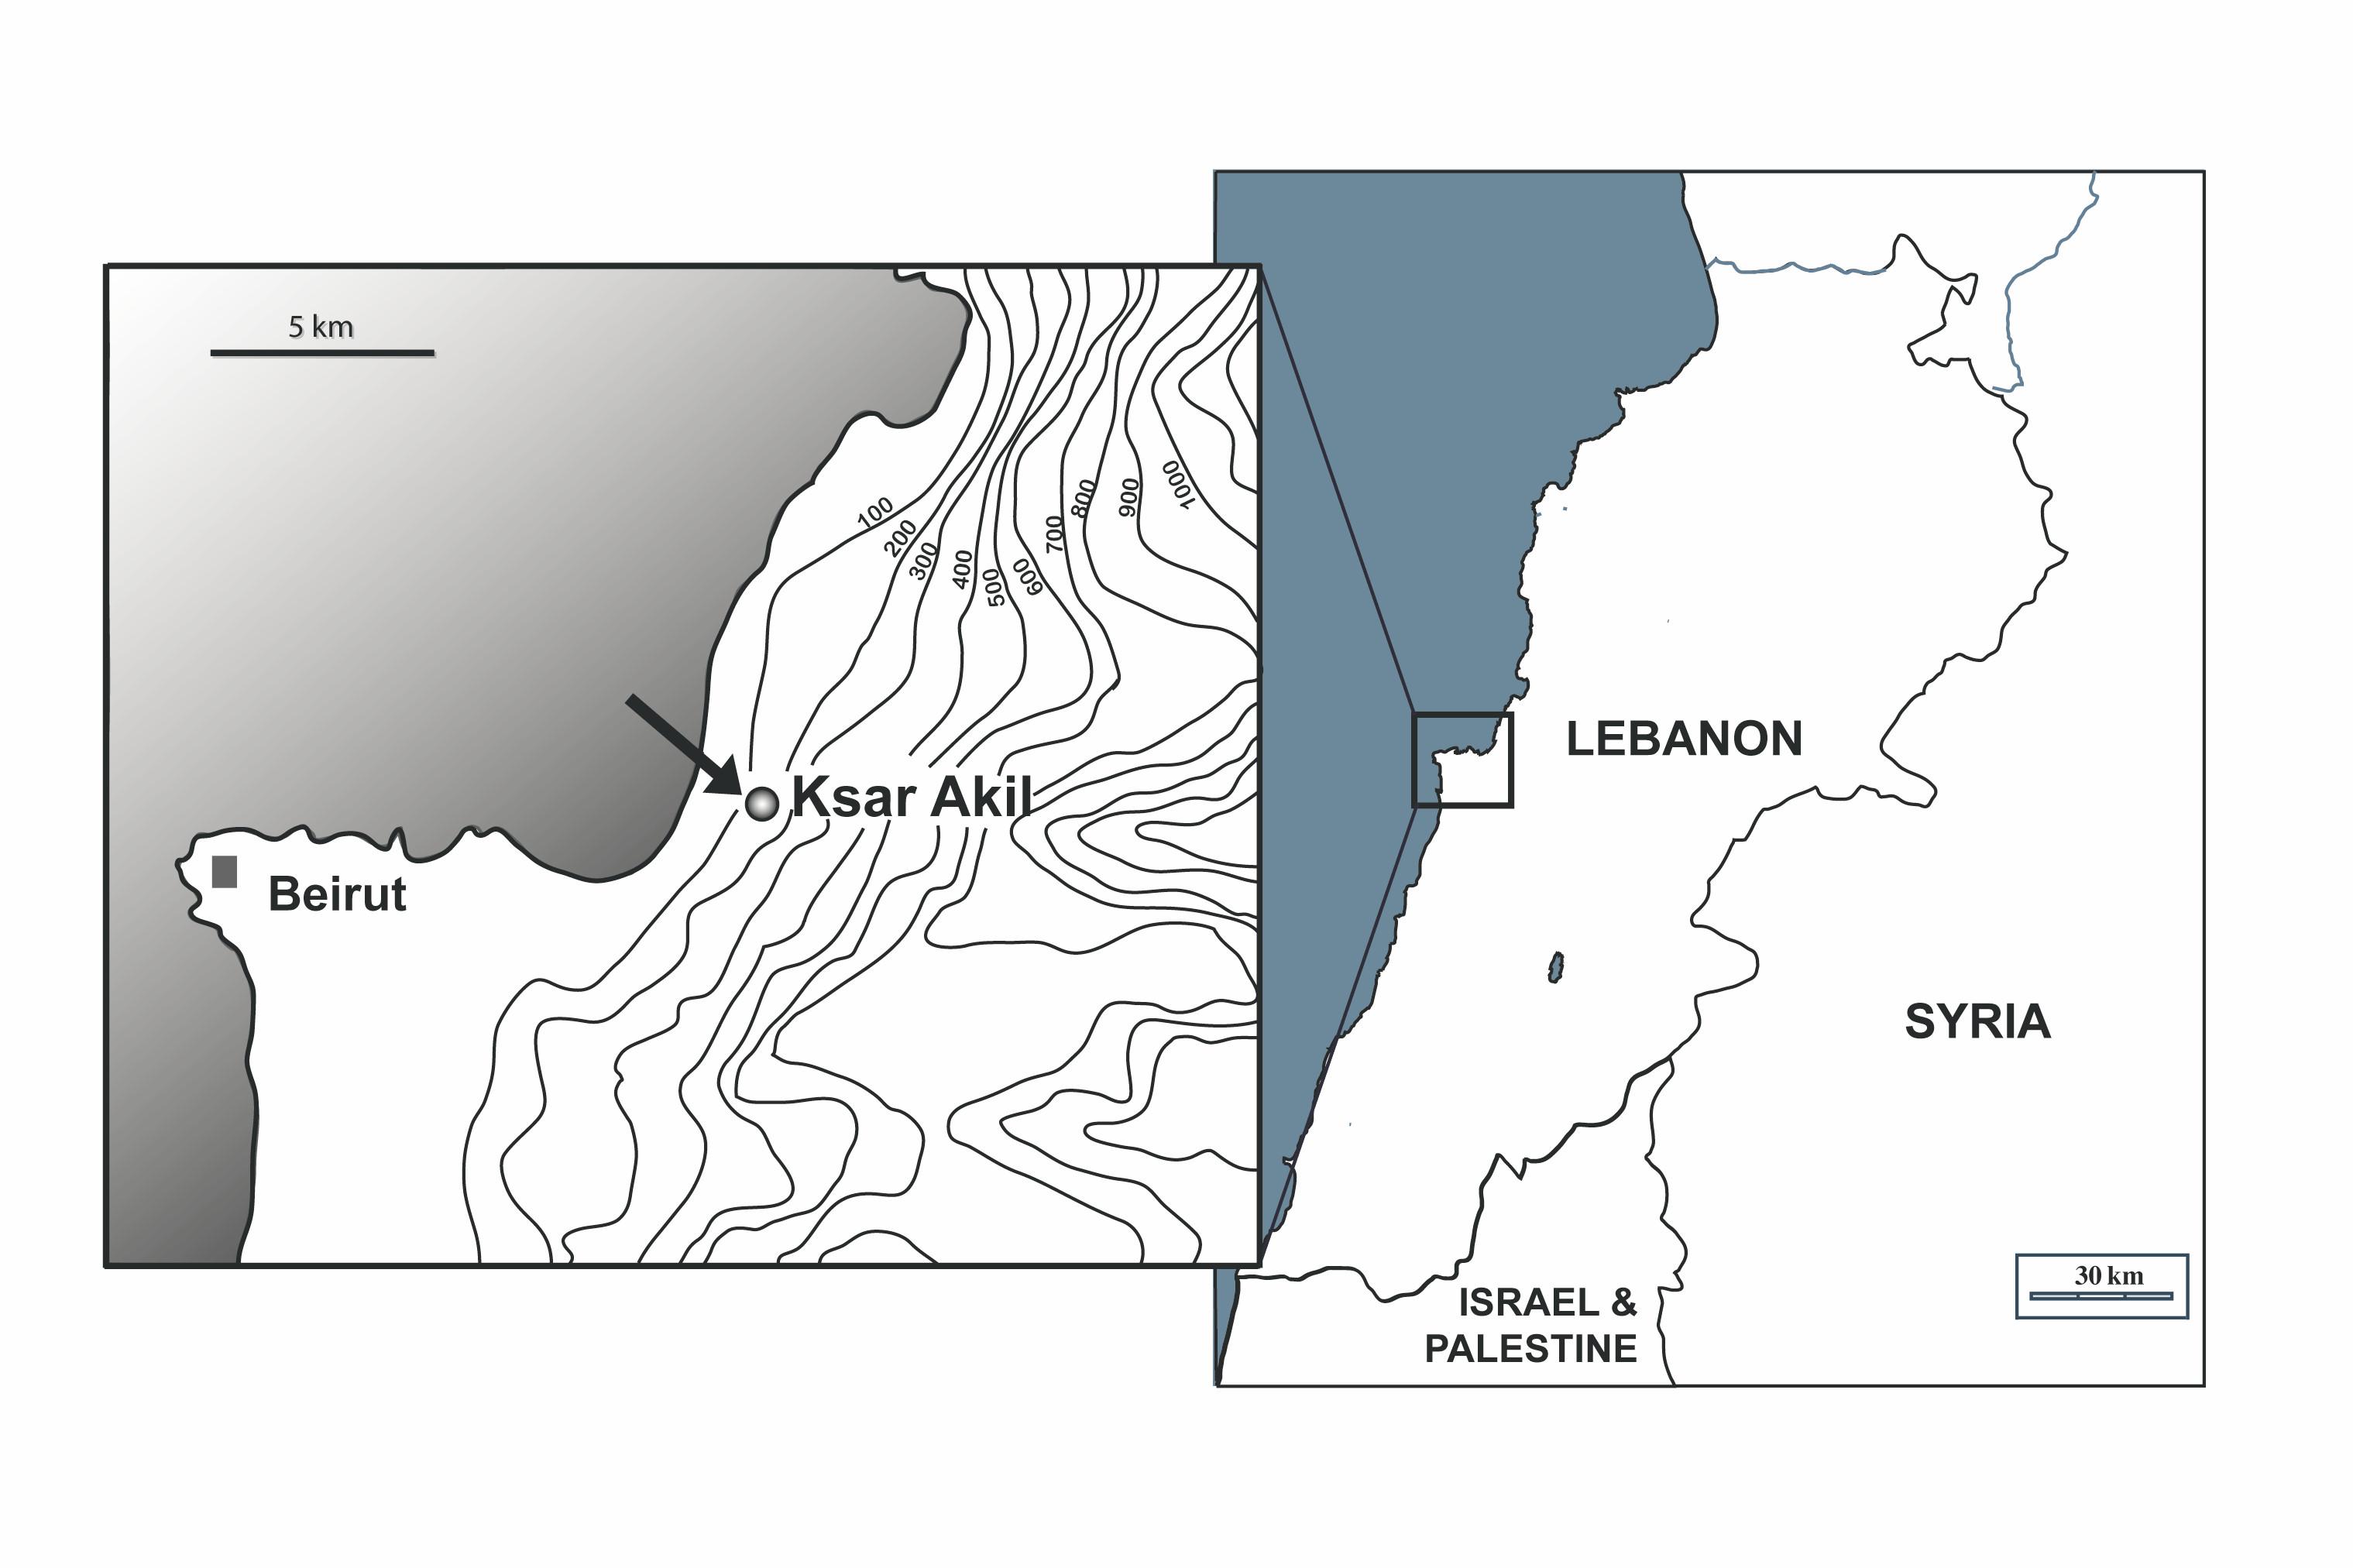 Libanon homo dating site